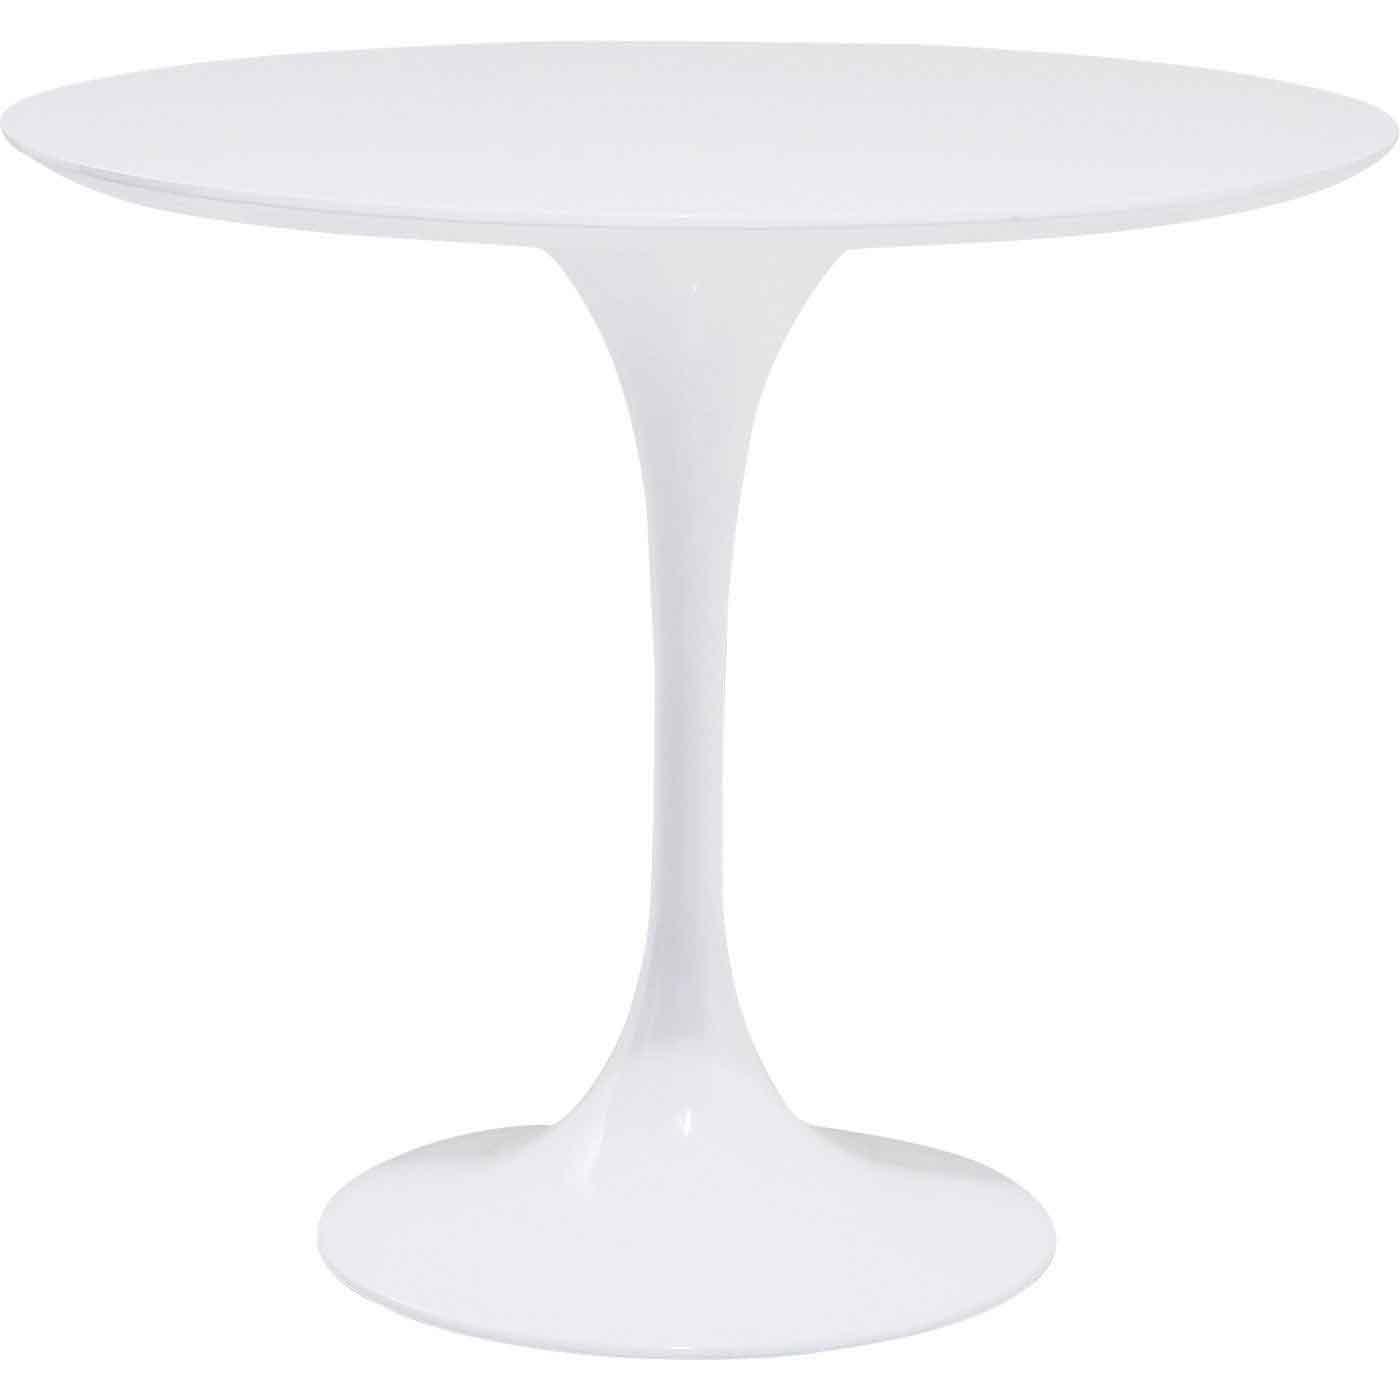 Kare design invitation hjørnebord - hvid mdf og glasfiber, rundt (ø:90) fra kare design på boboonline.dk